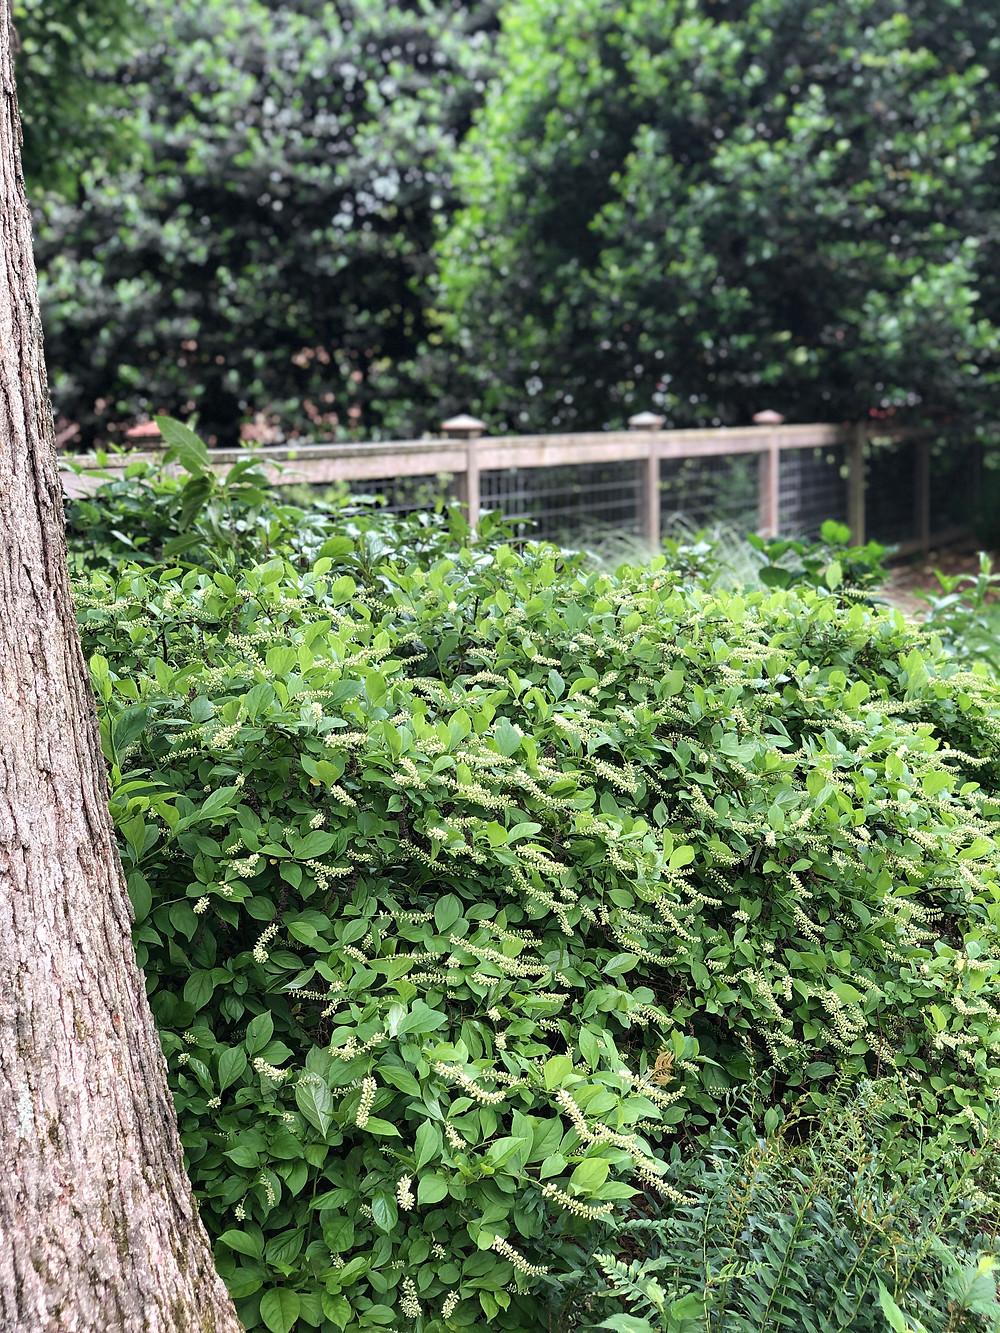 itea shrub as ground cover beneath an oak